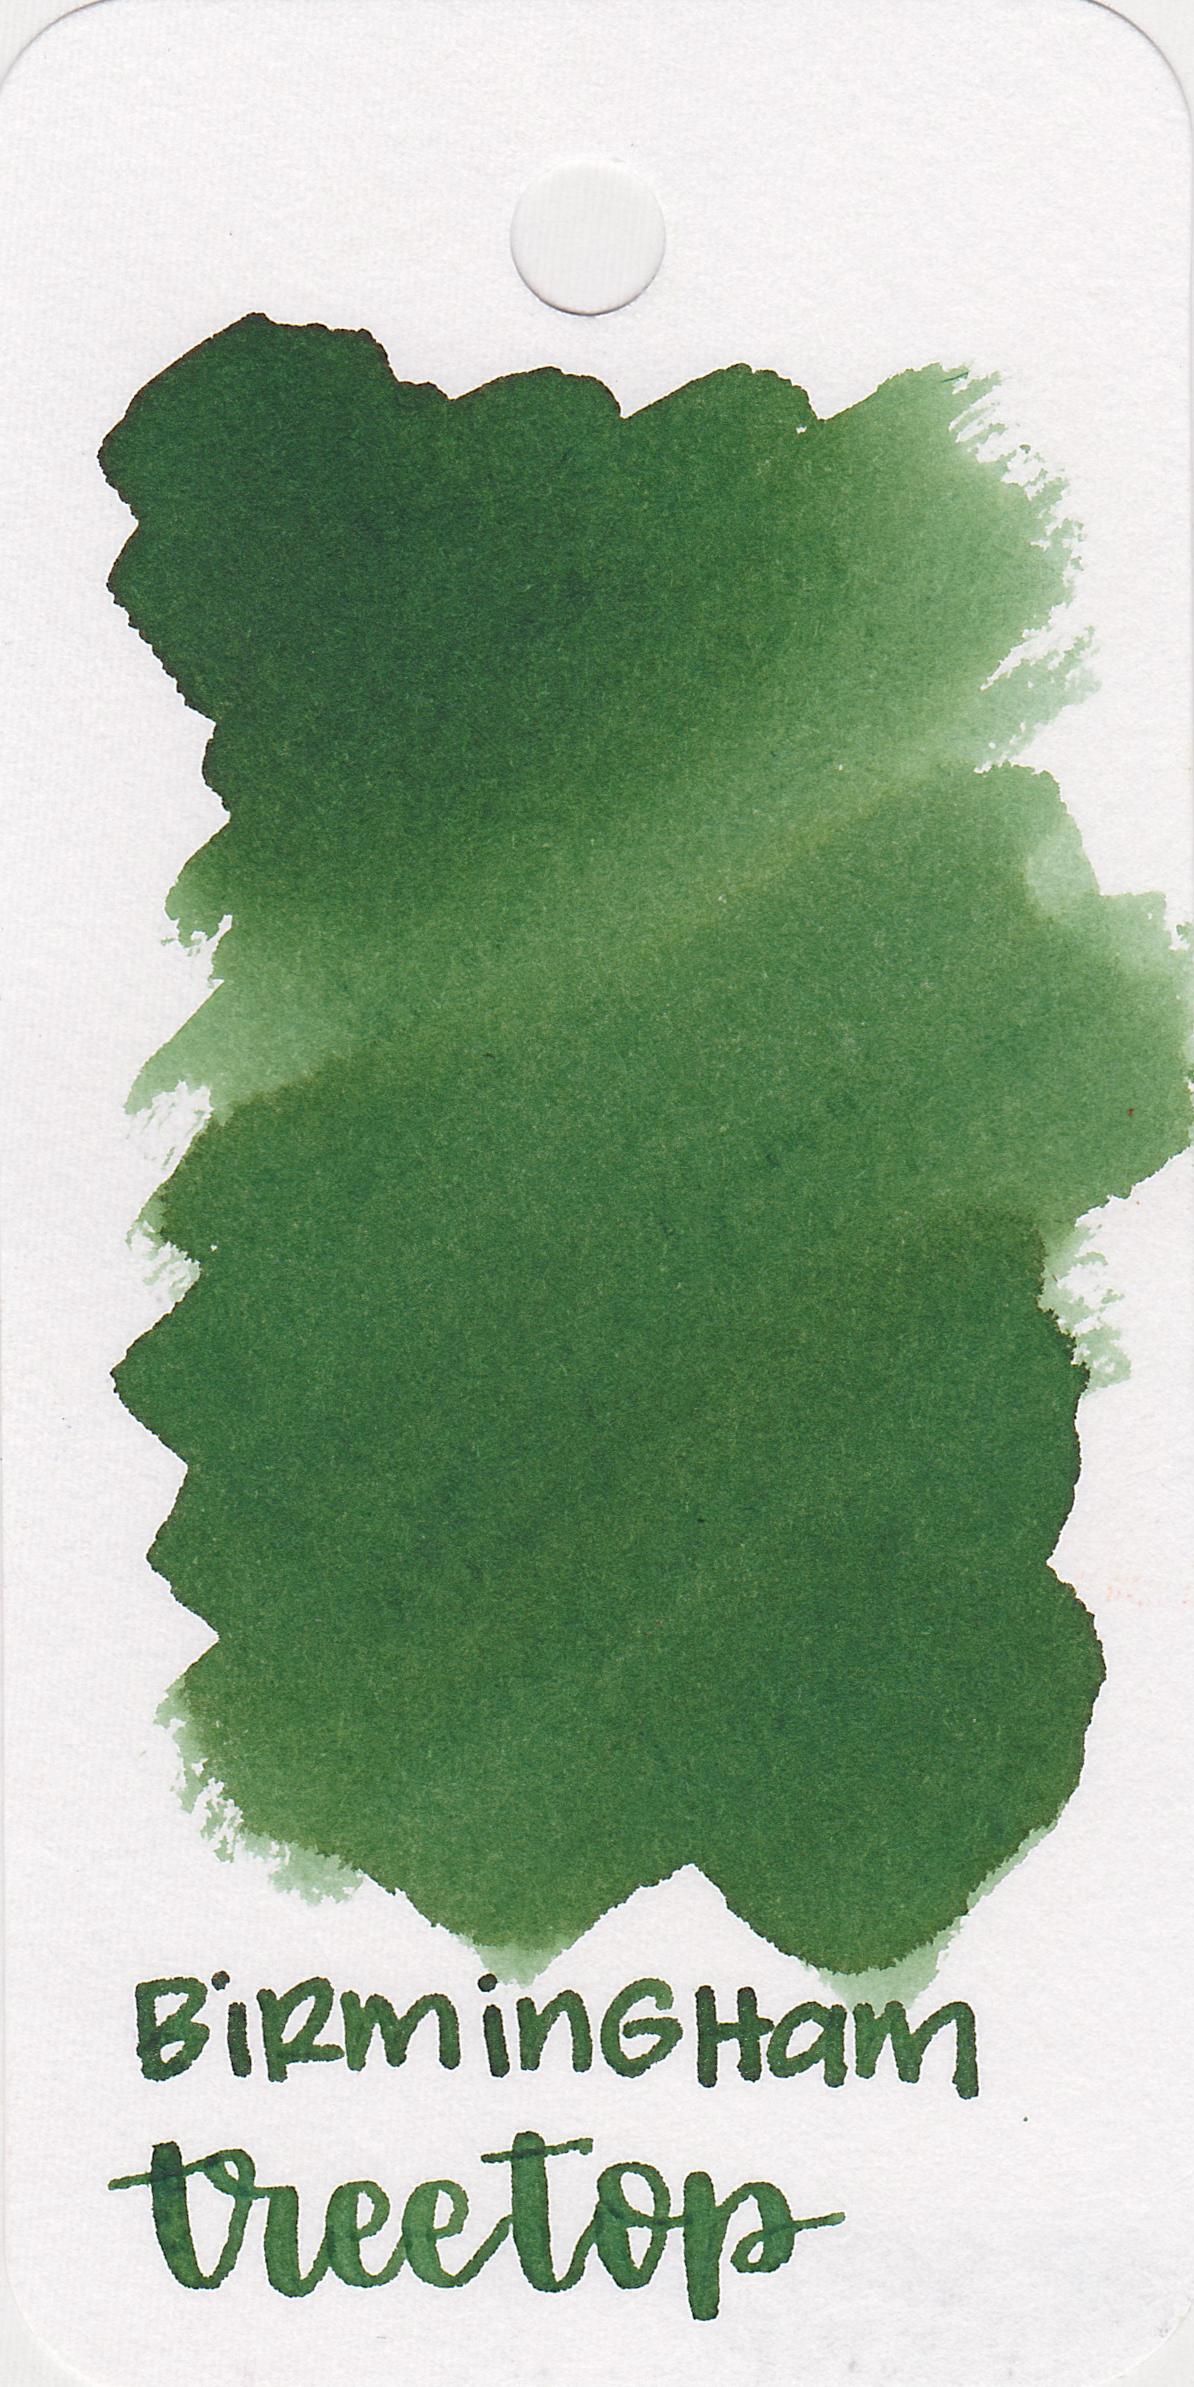 bp-treetop-1.jpg